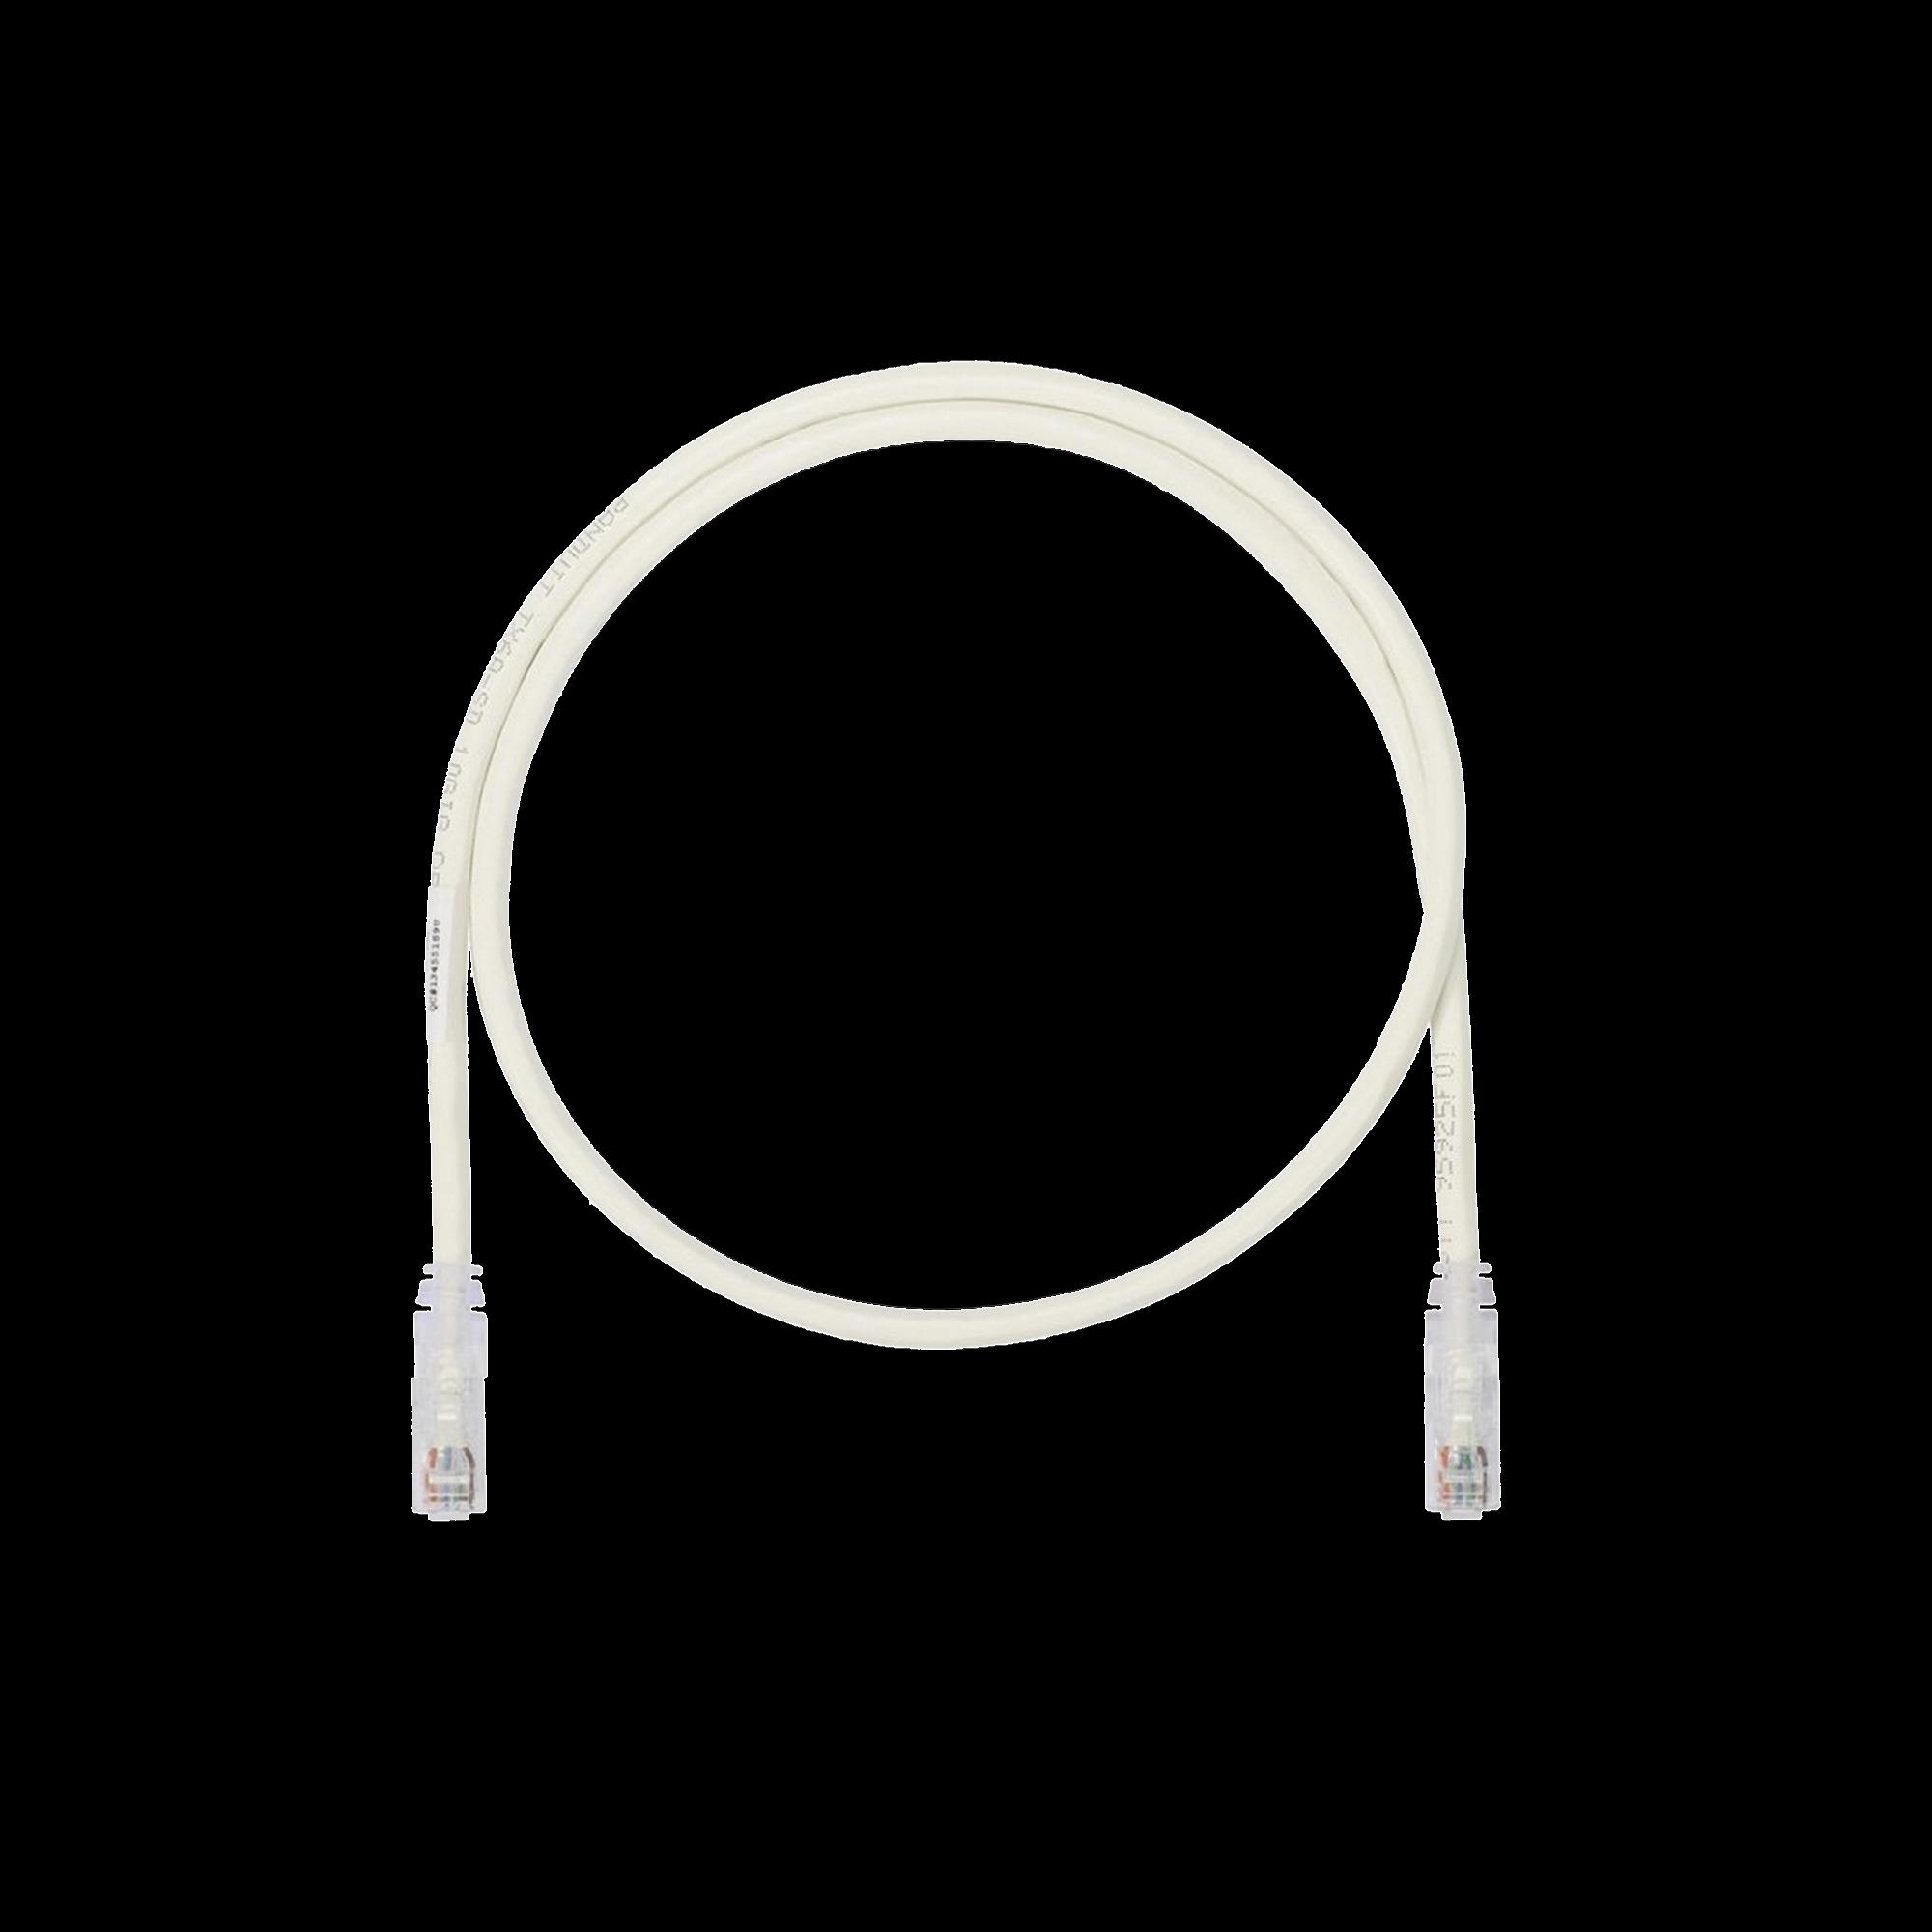 Cable de Parcheo UTP, Cat6A, 26 AWG, CM, Color Blanco Mate, 3ft